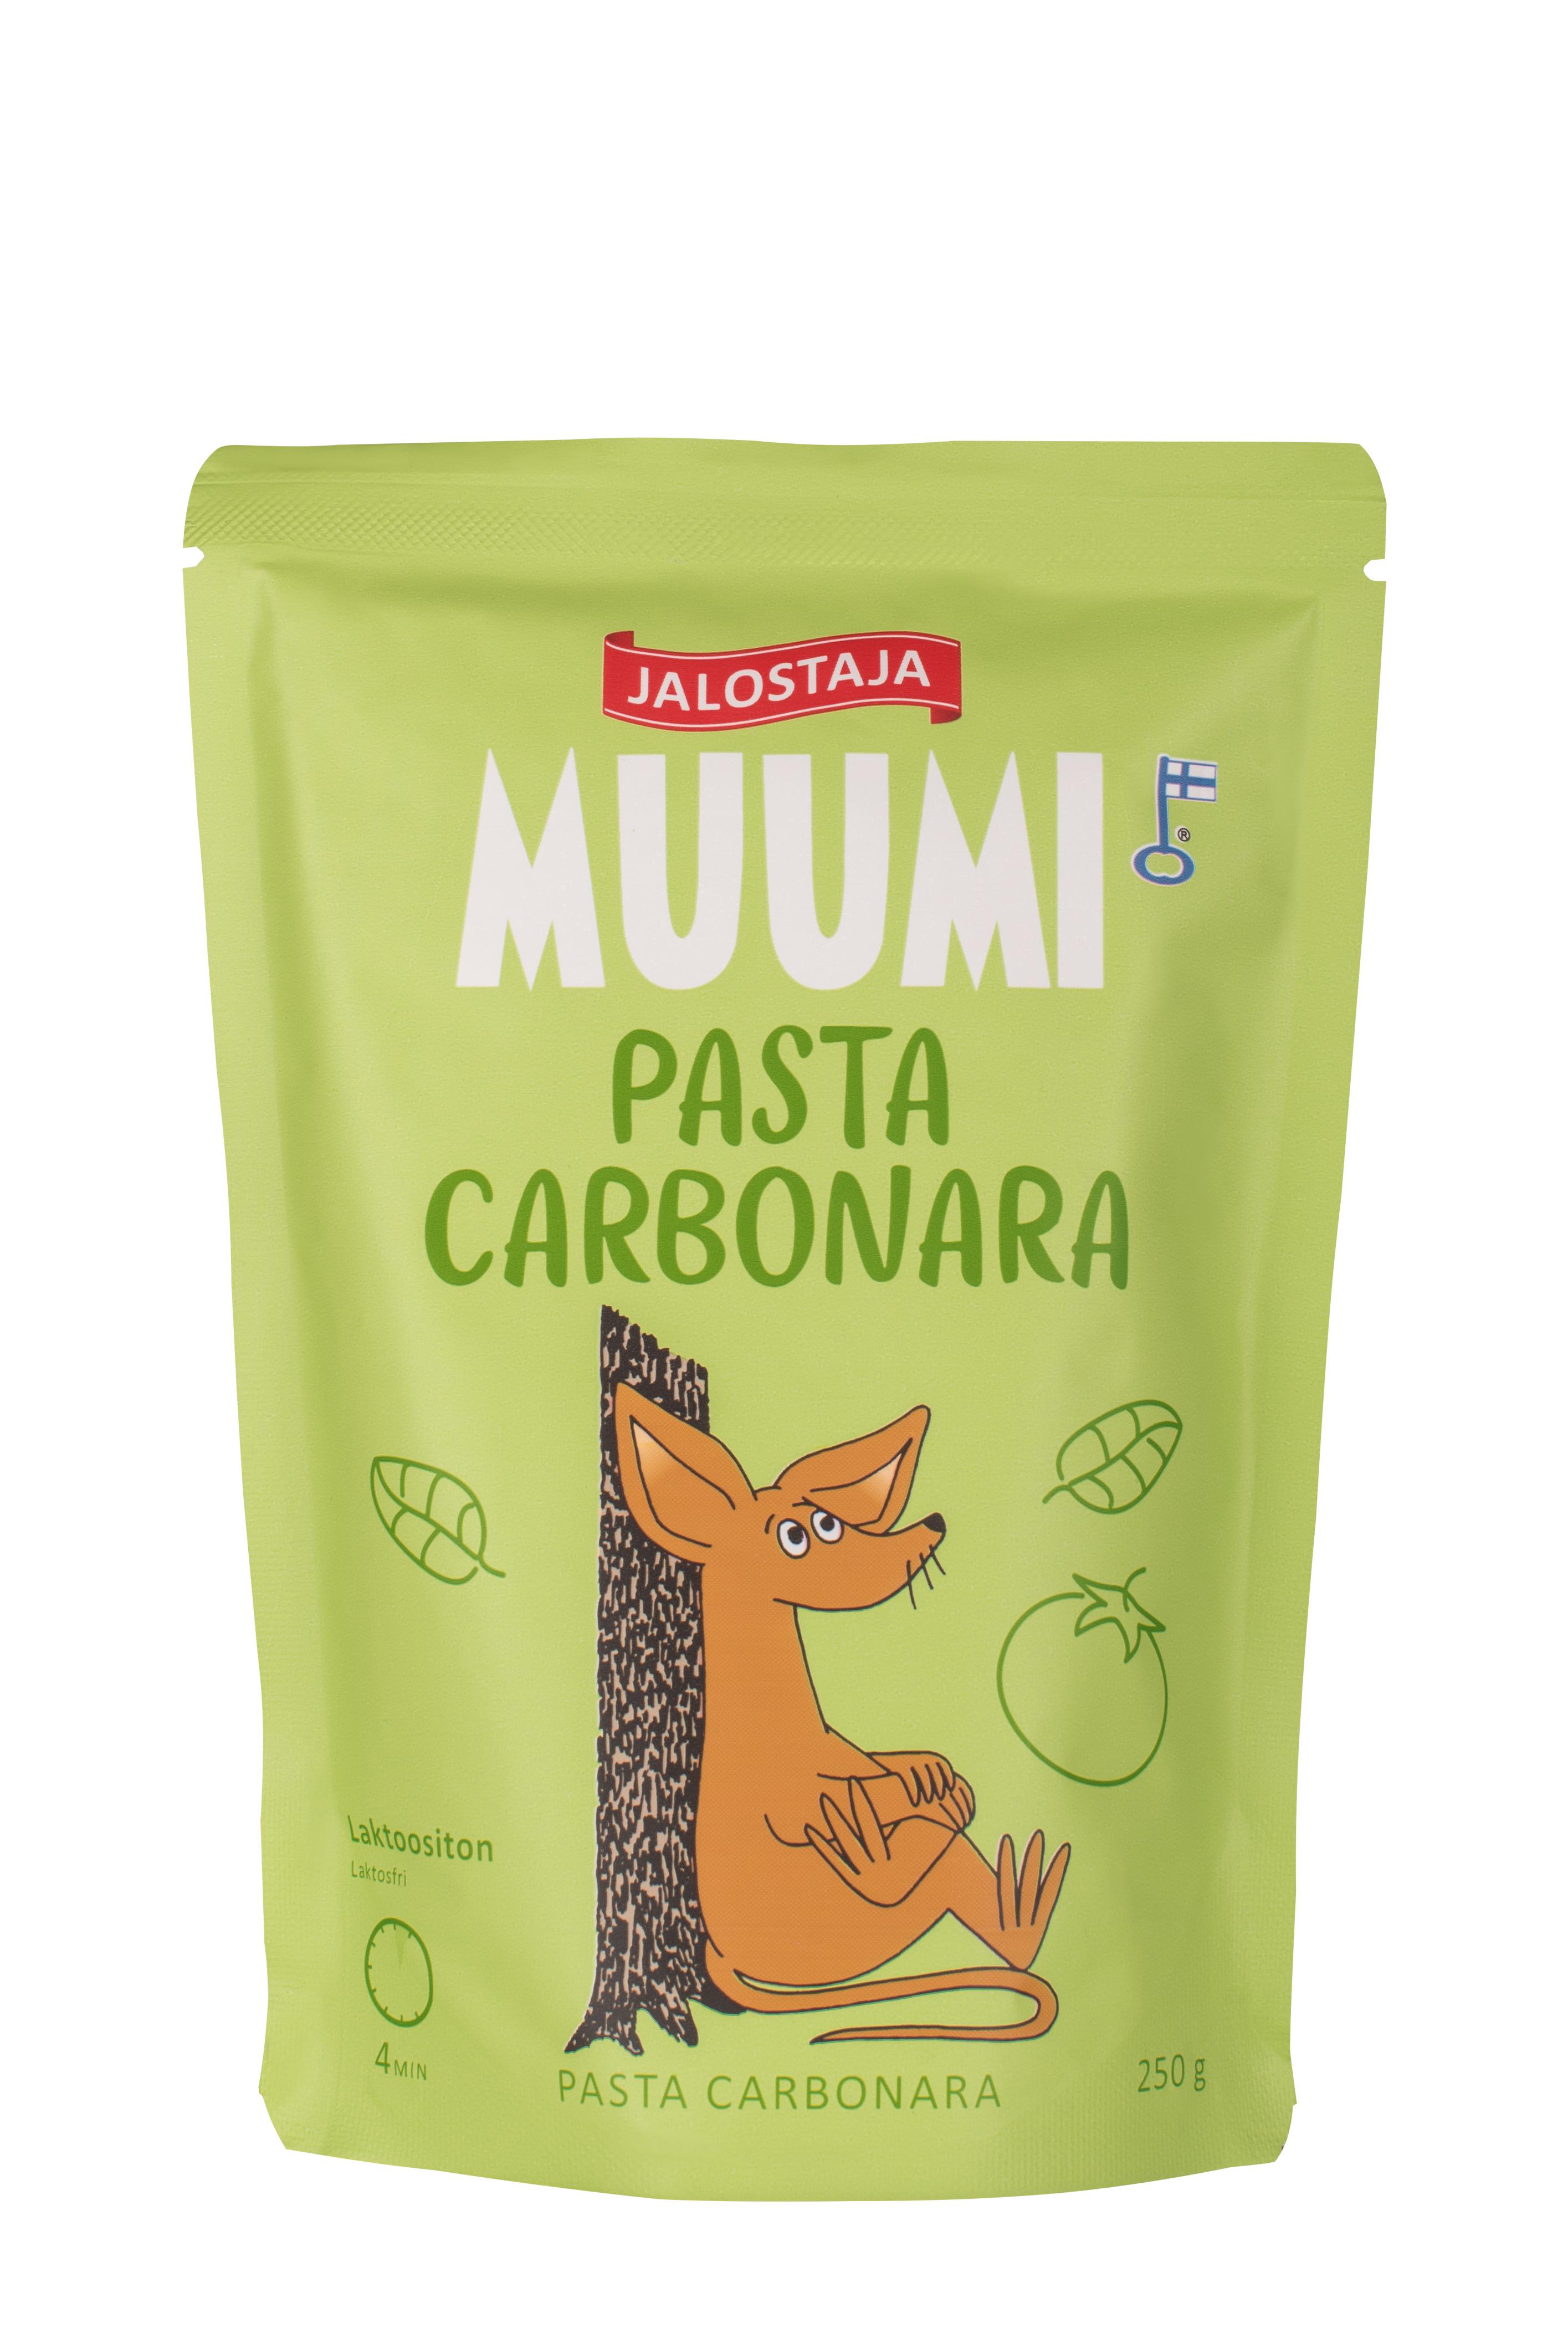 Jalostaja Muumi 250g Pasta Carbonara